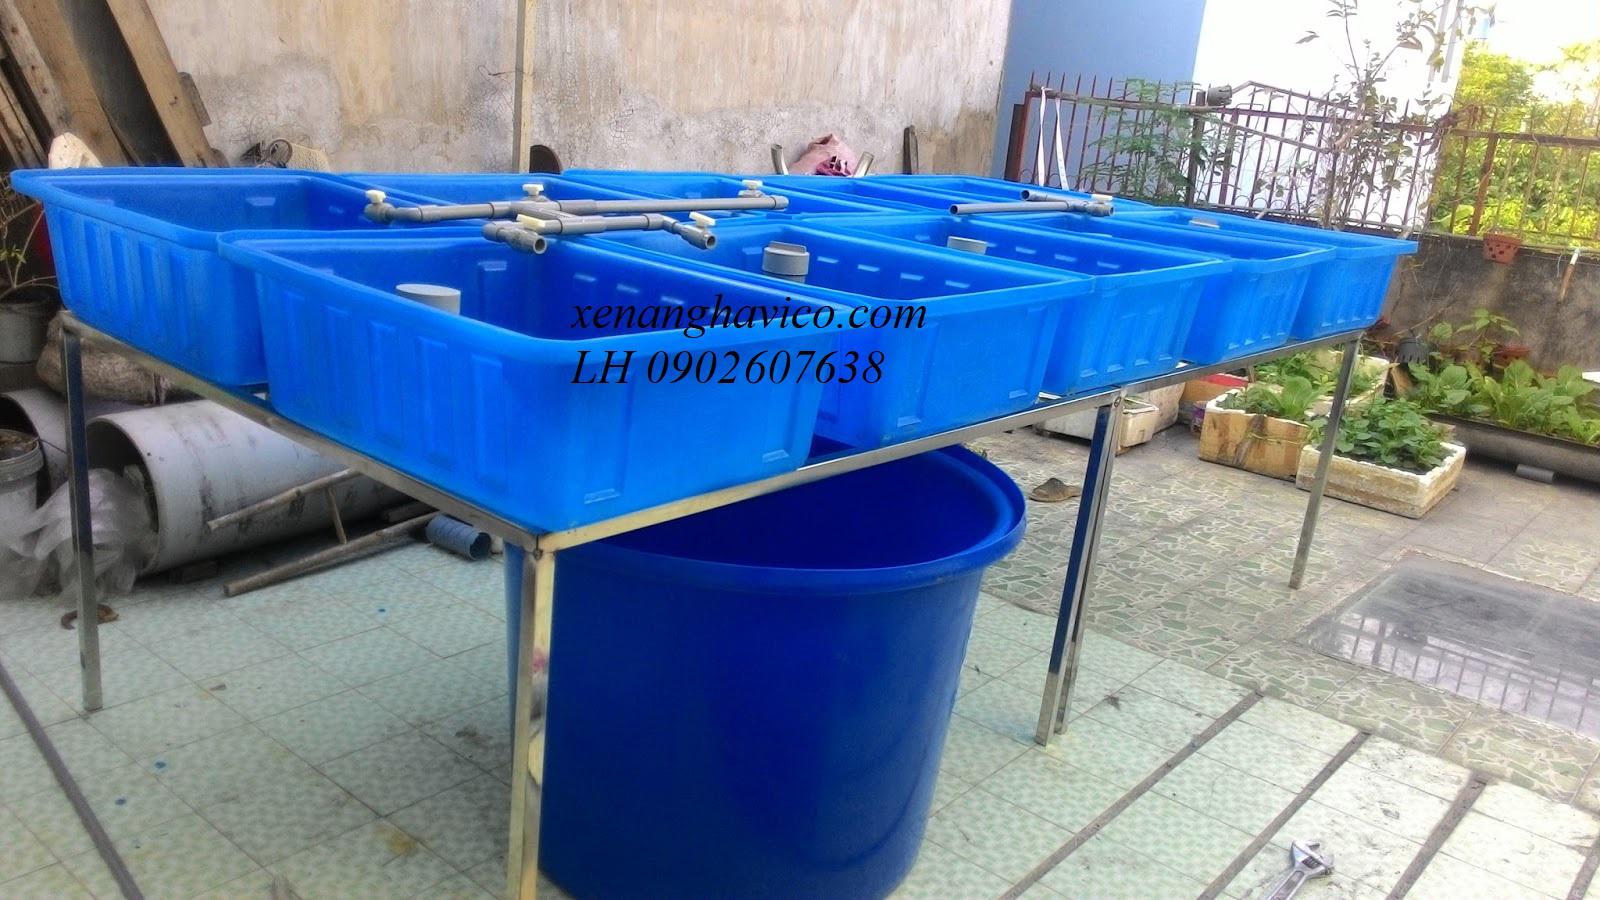 bán thùng nhựa nuôi cá giá rẻ